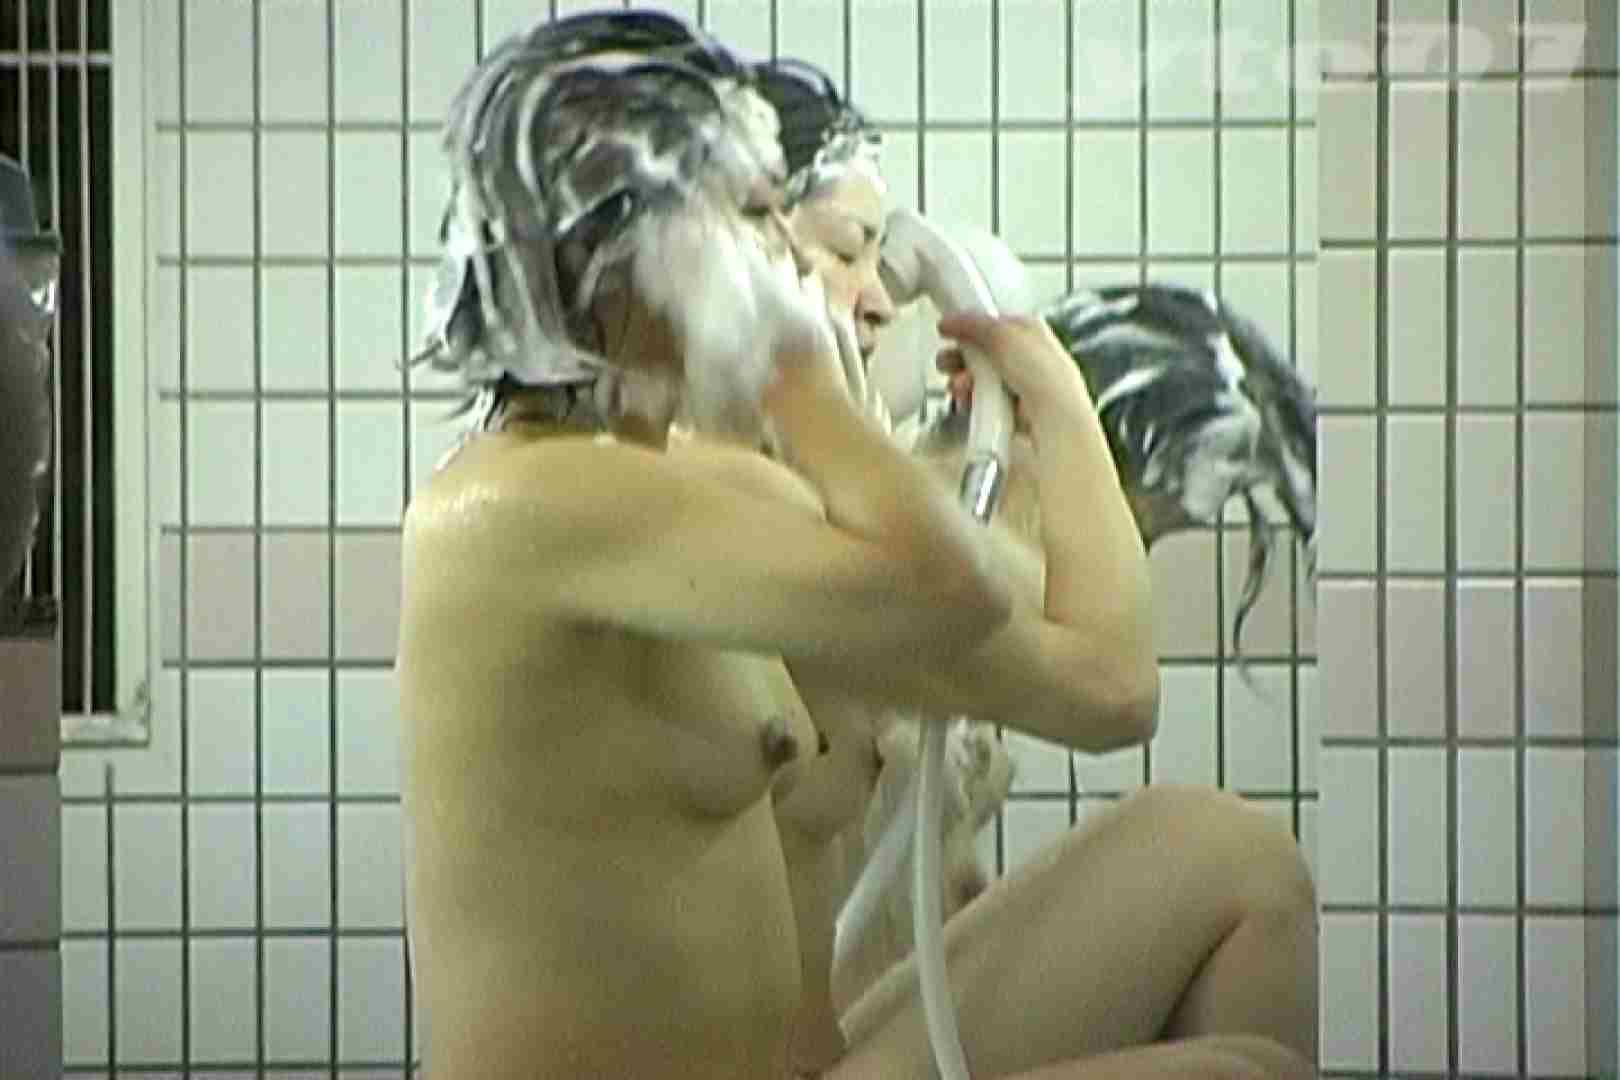 ▲復活限定▲合宿ホテル女風呂盗撮 Vol.06 色っぽいOL達 のぞき動画画像 85pic 2